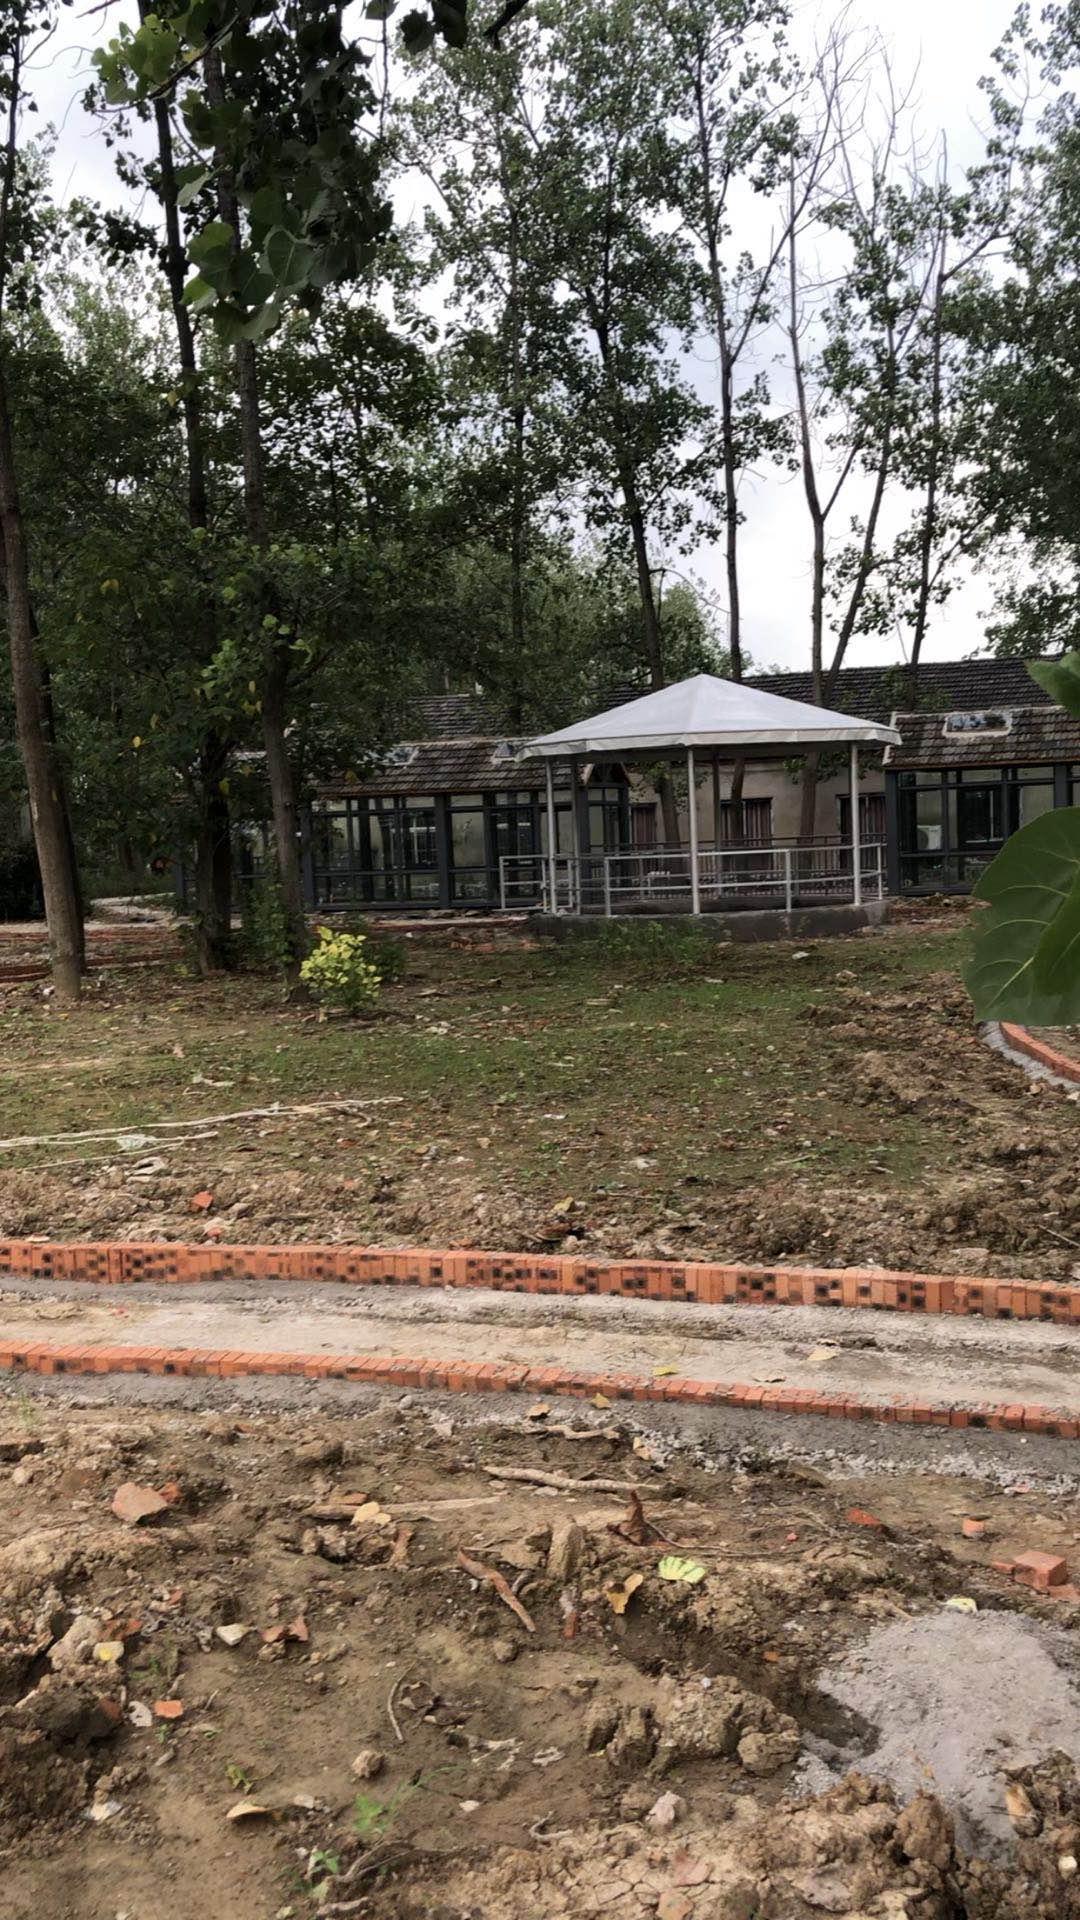 合肥马场(马术基地)10边形篷房搭建完成